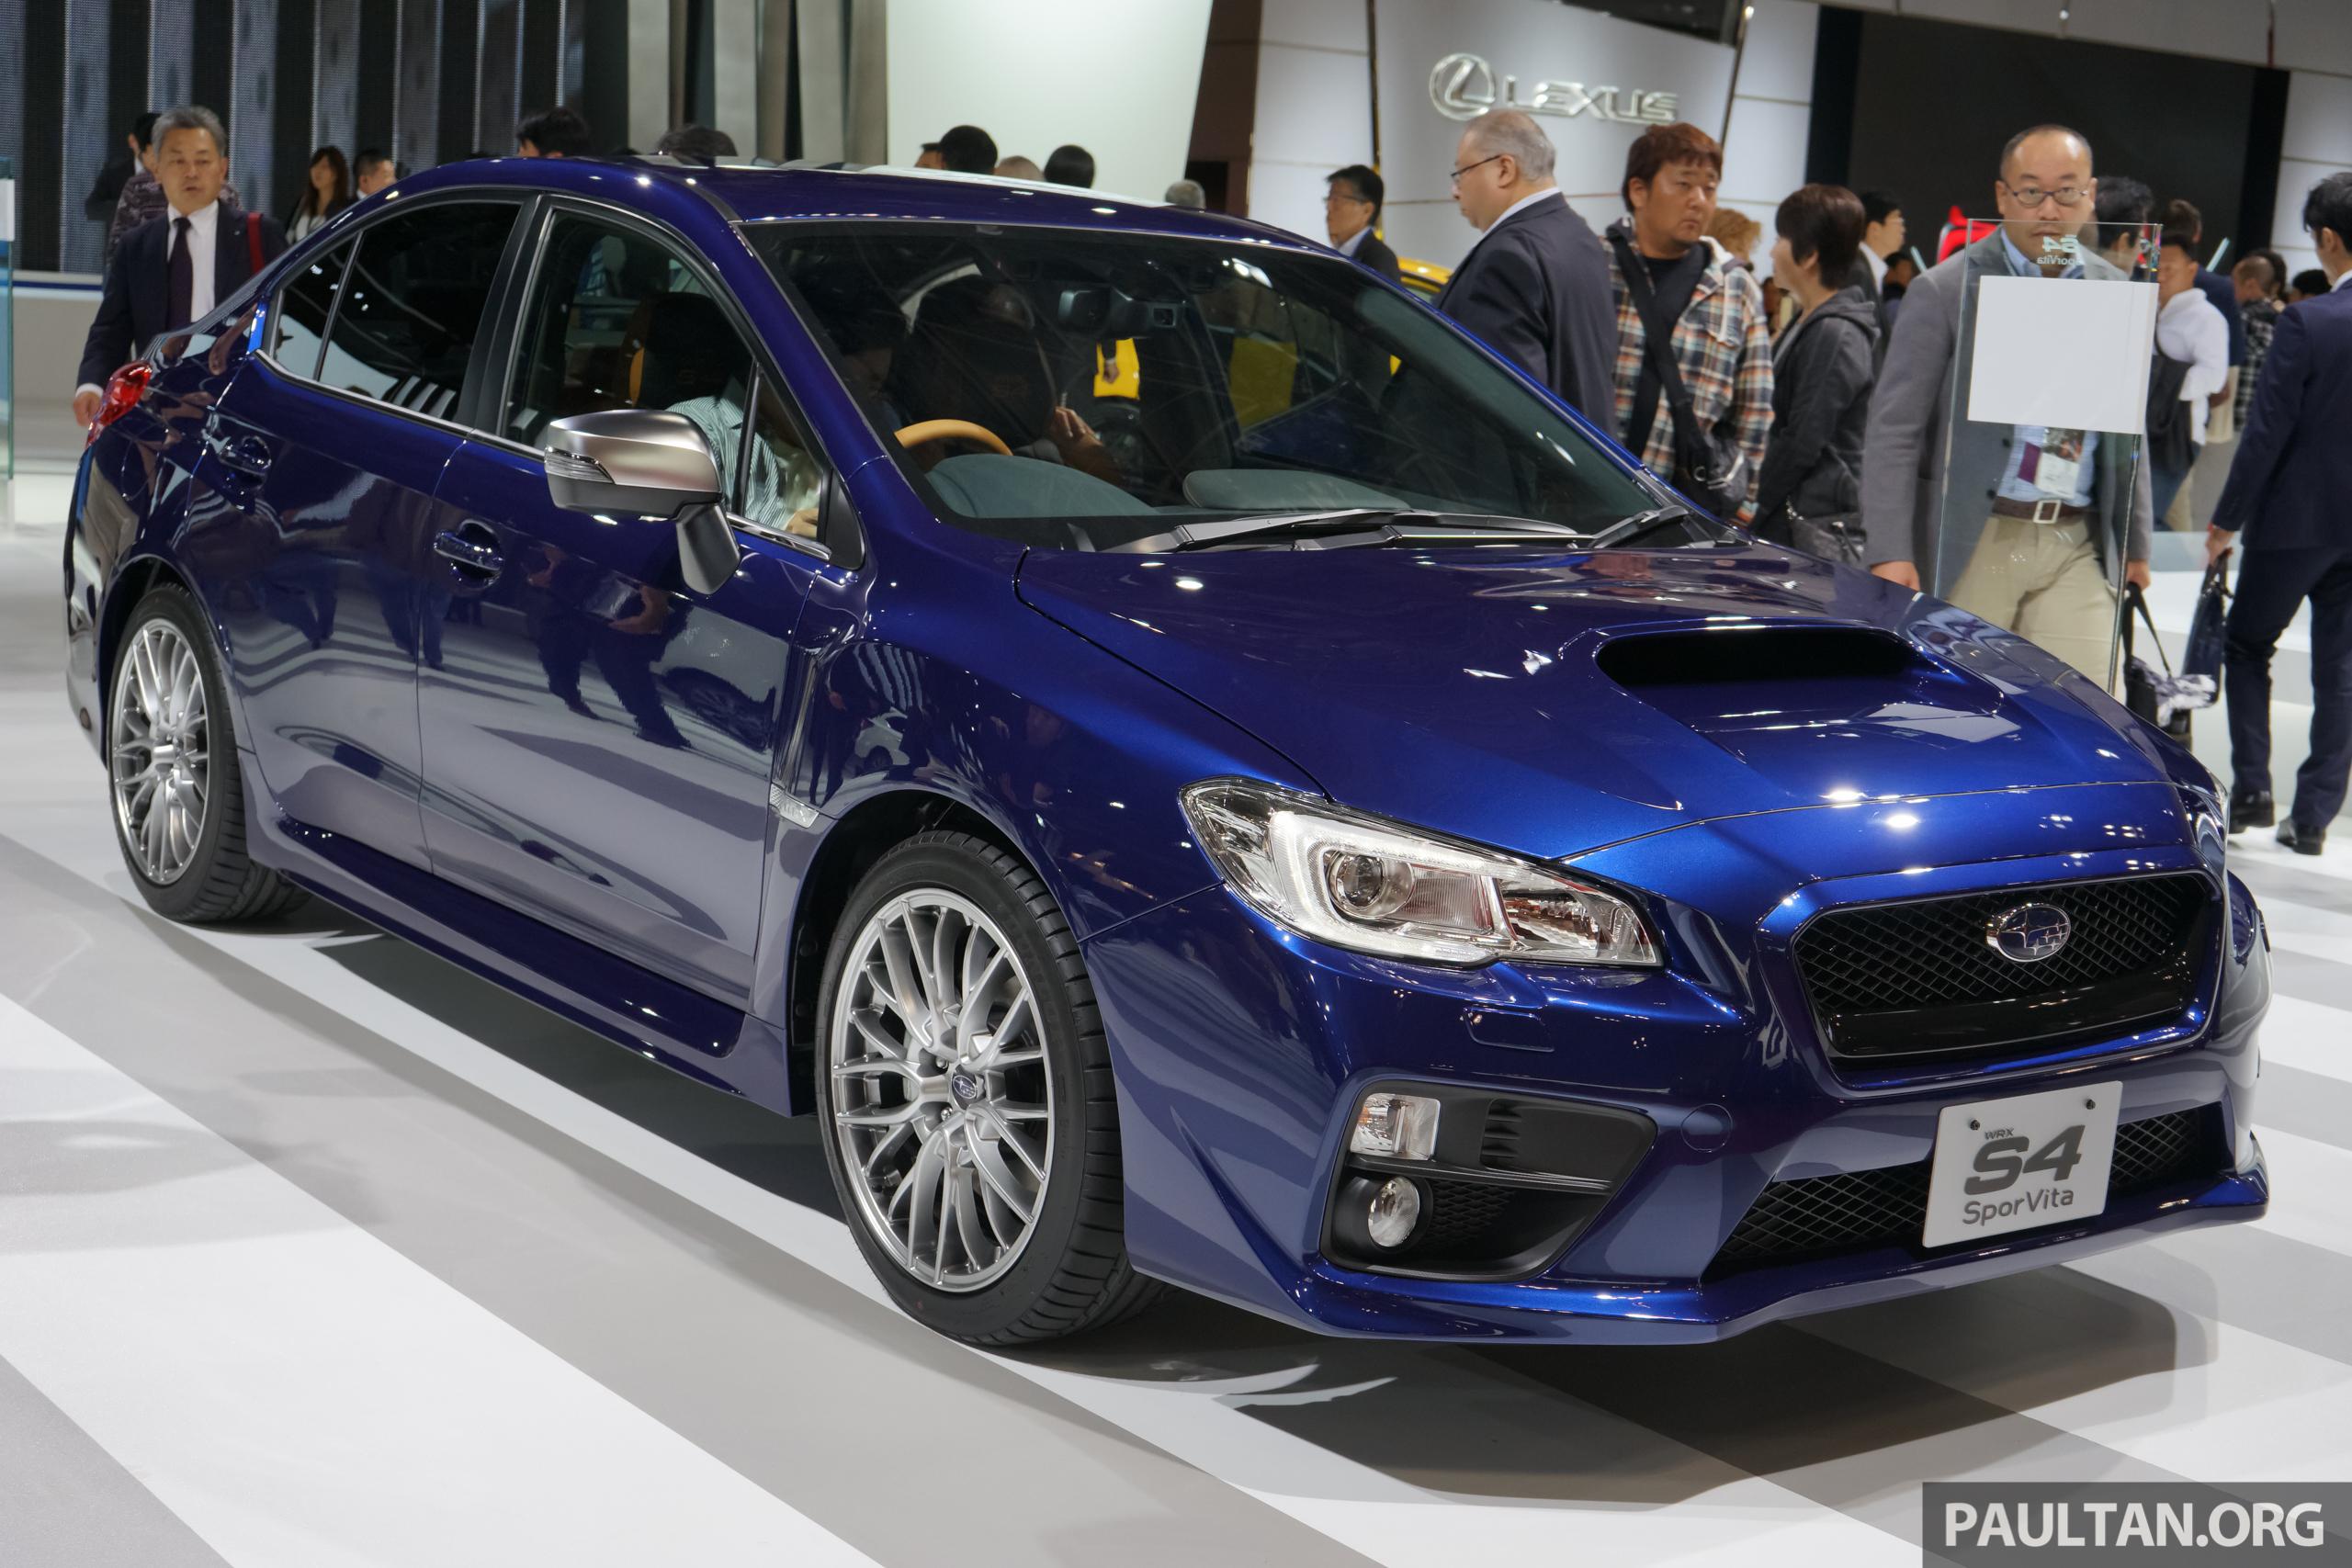 Tokyo 2015 Subaru Wrx S4 Sporvita Revealed Image 400024